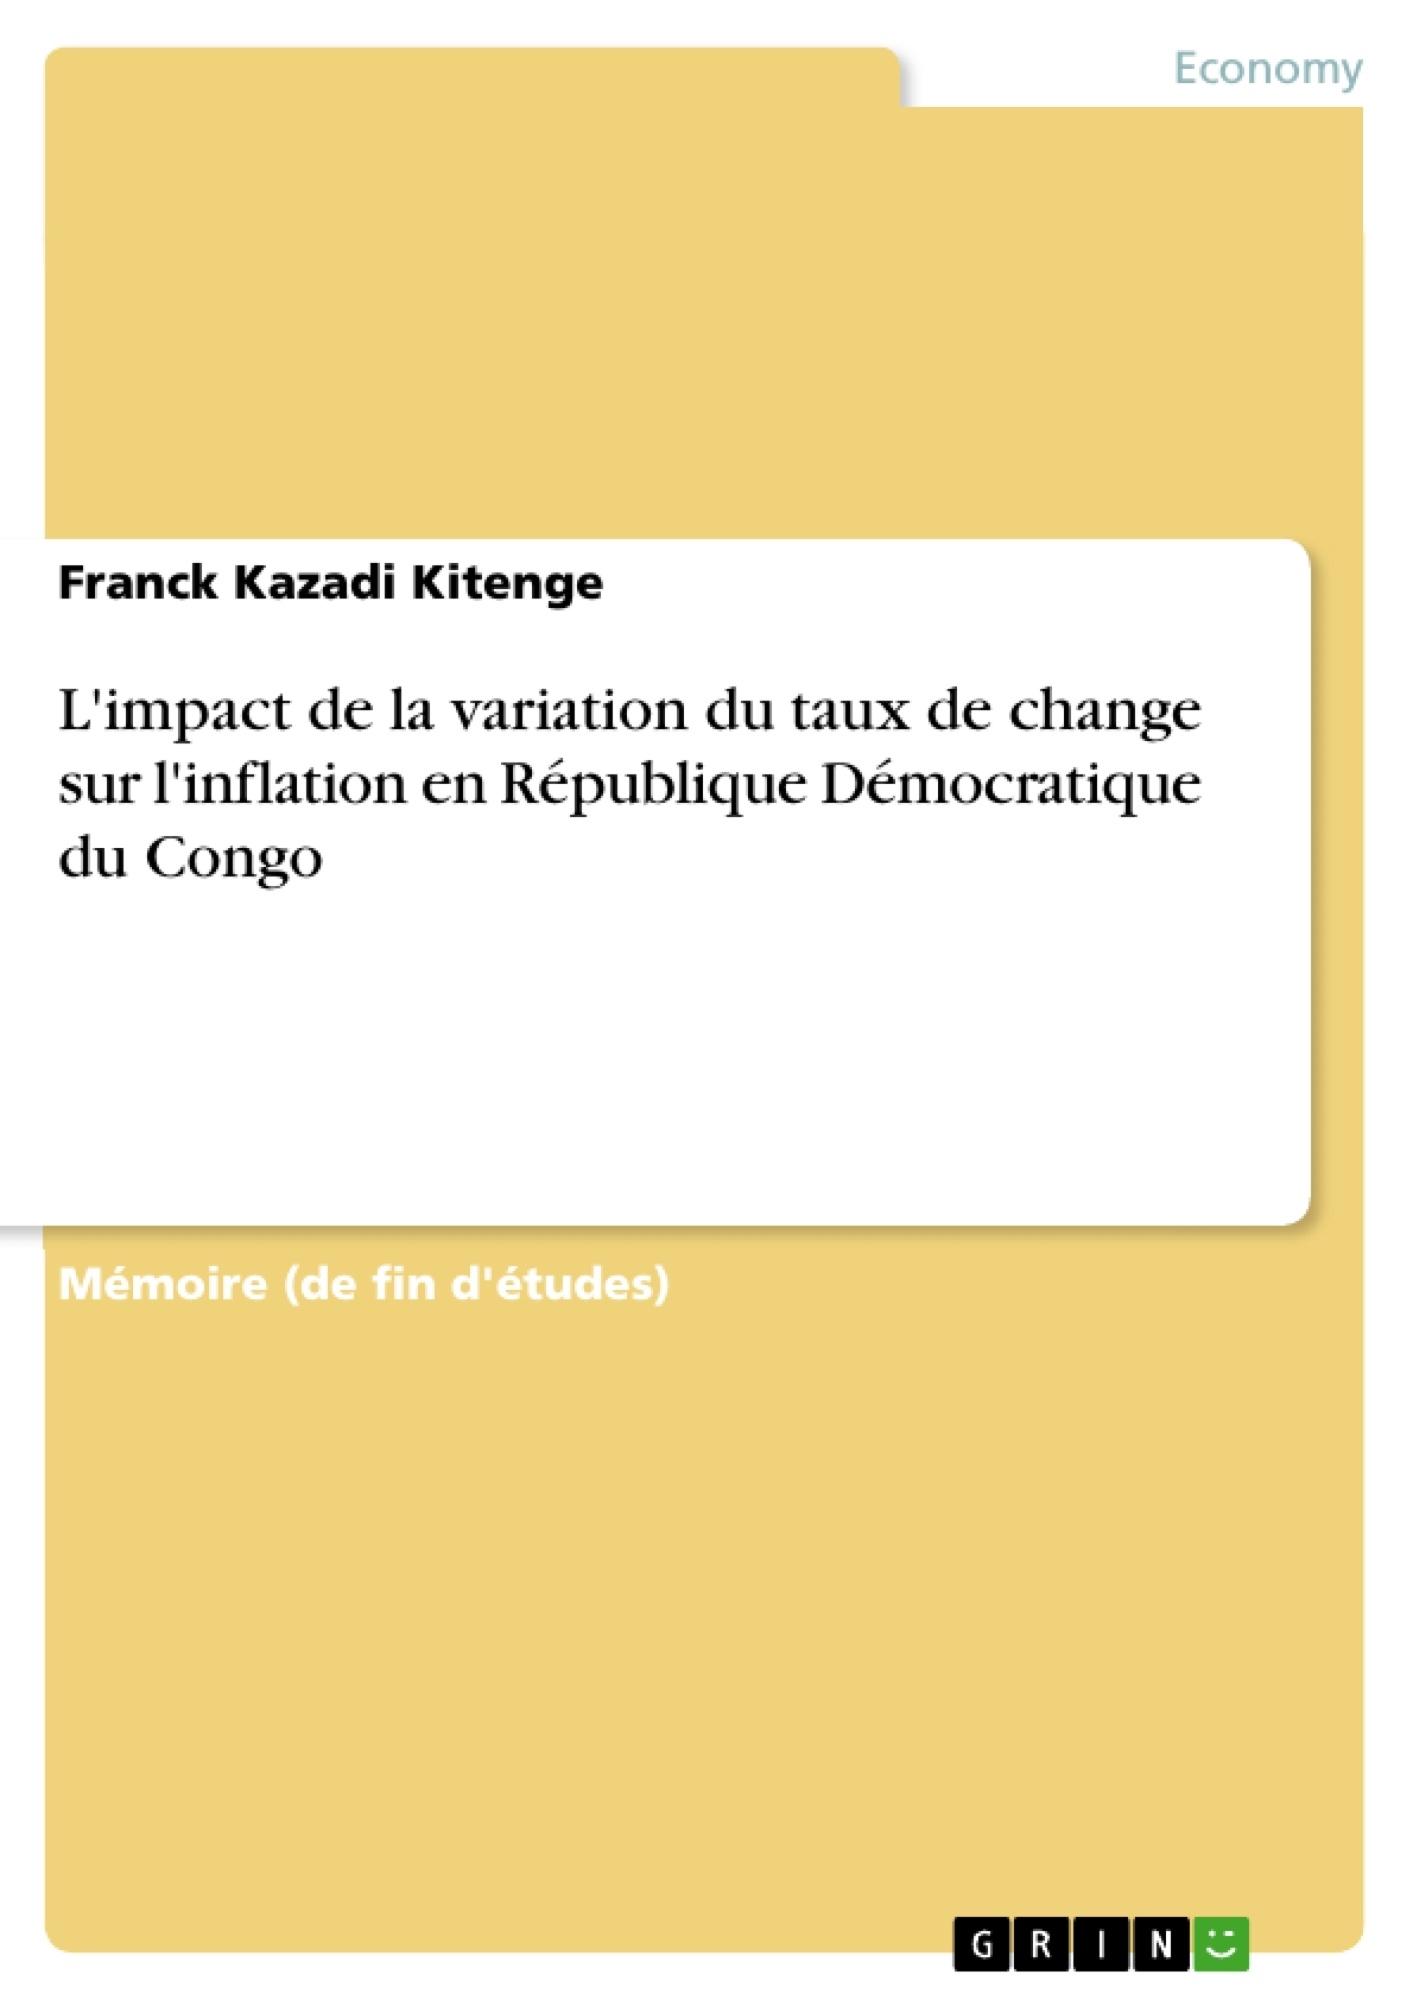 Titre: L'impact de la variation du taux de change sur l'inflation en République Démocratique du Congo